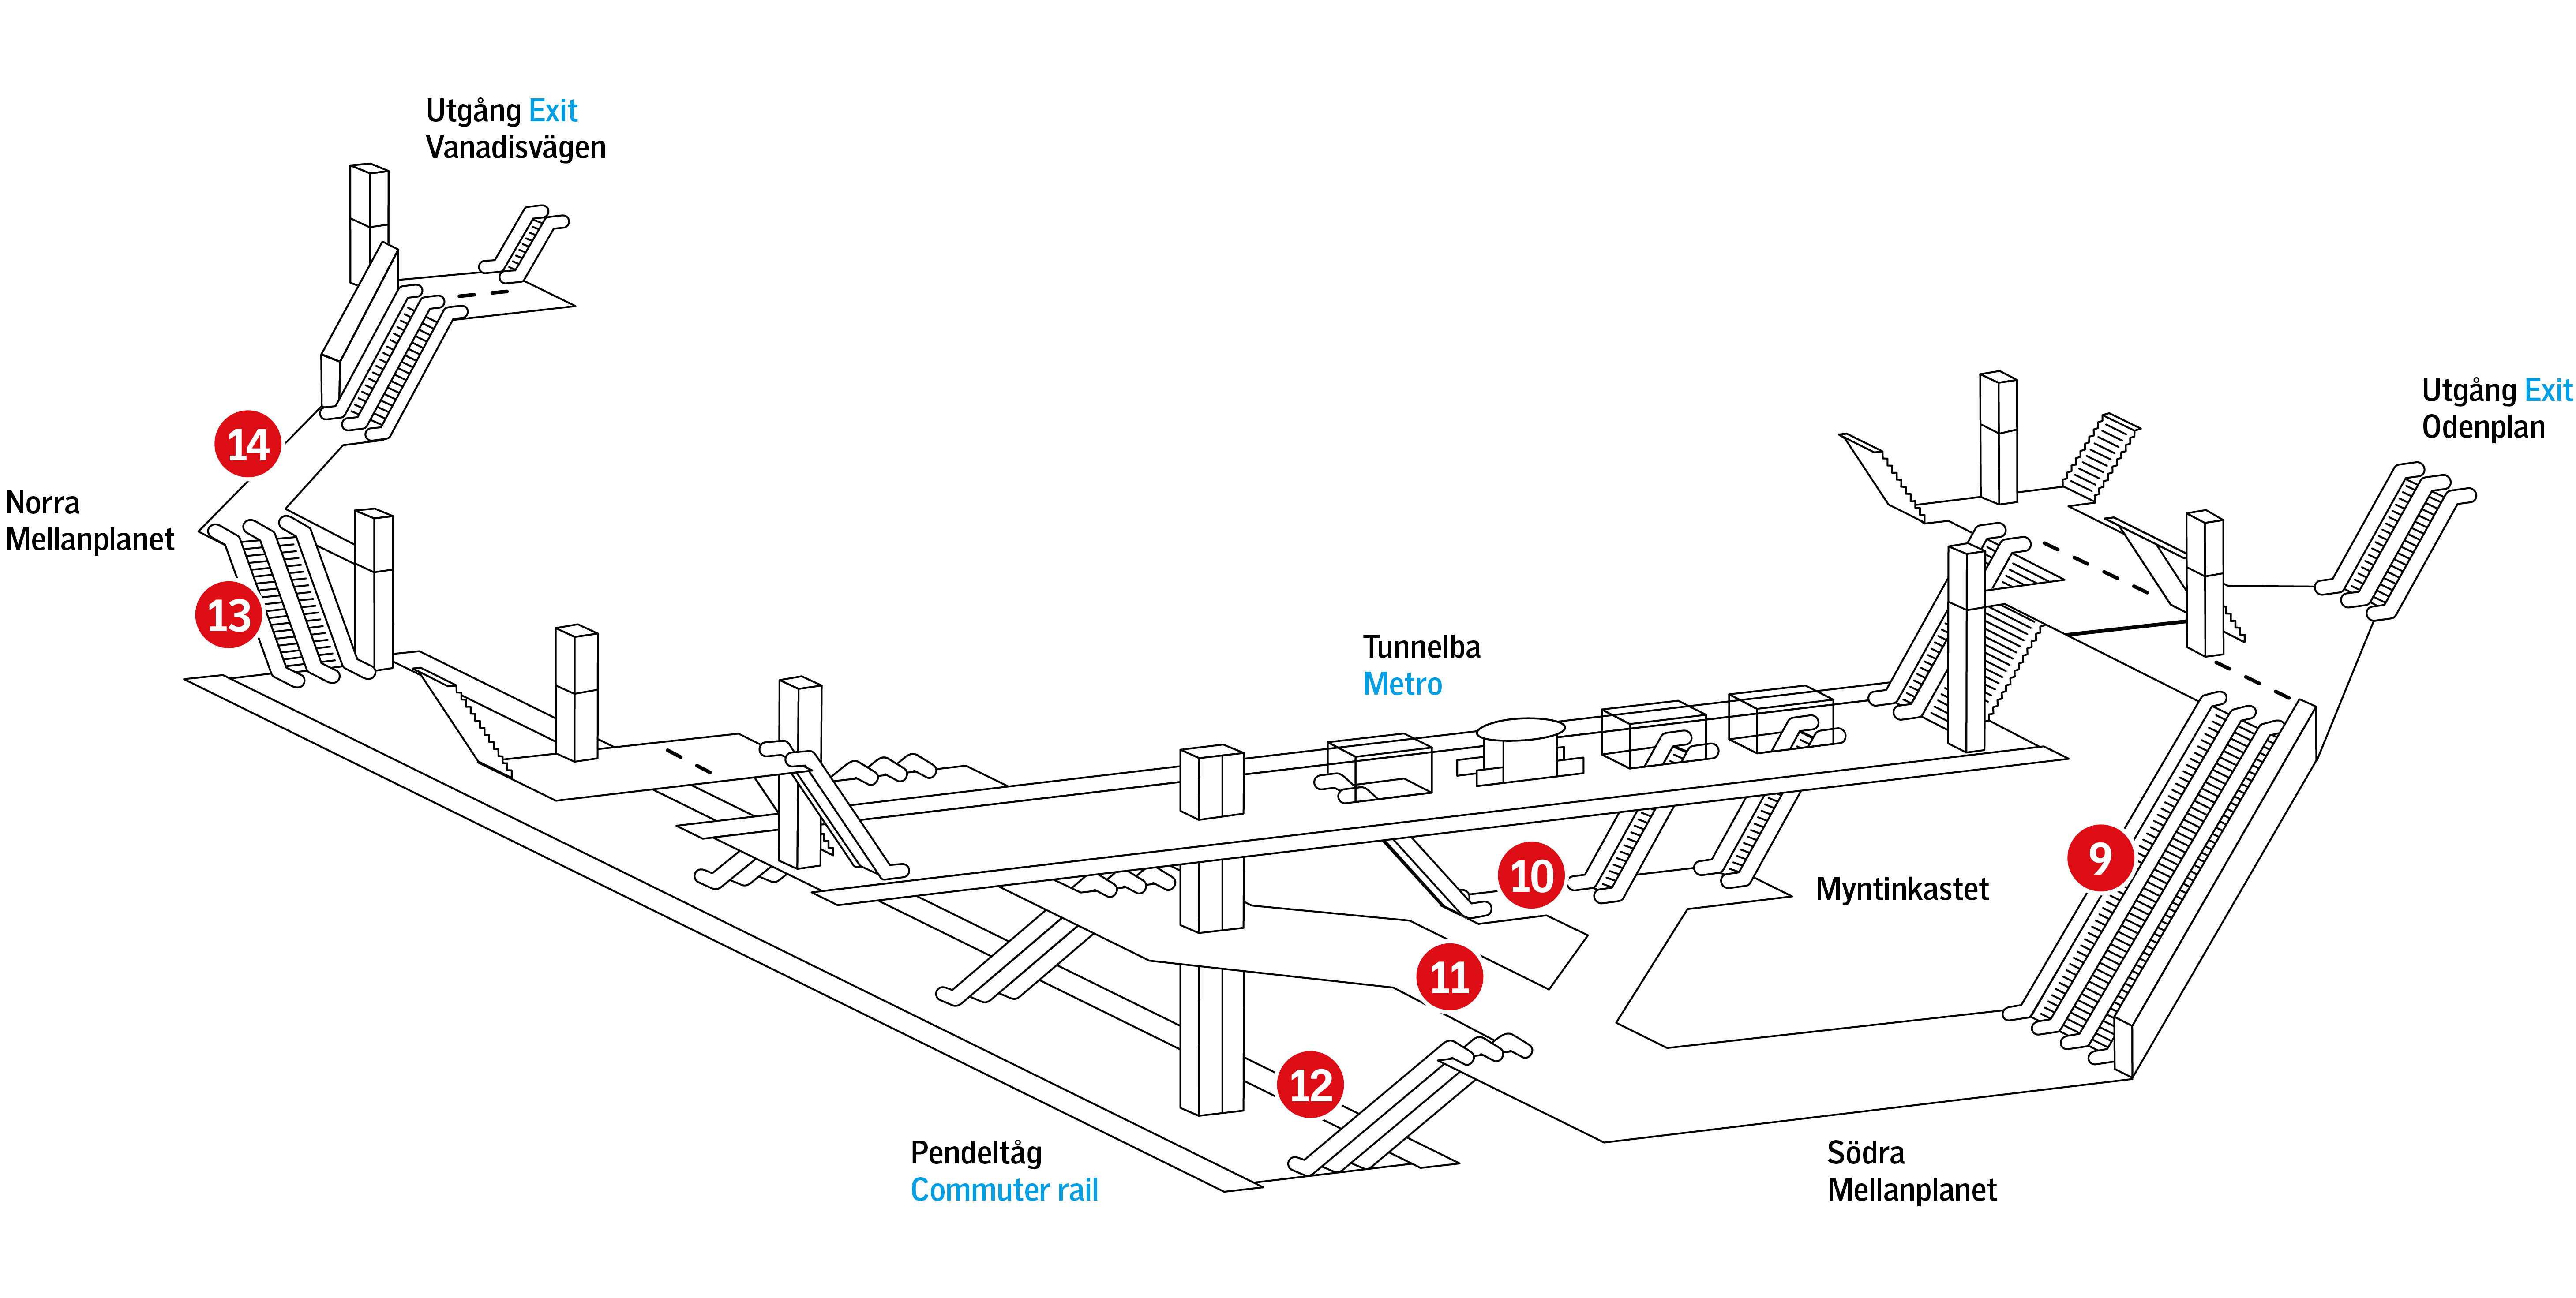 djuraffärer stockholm odenplan